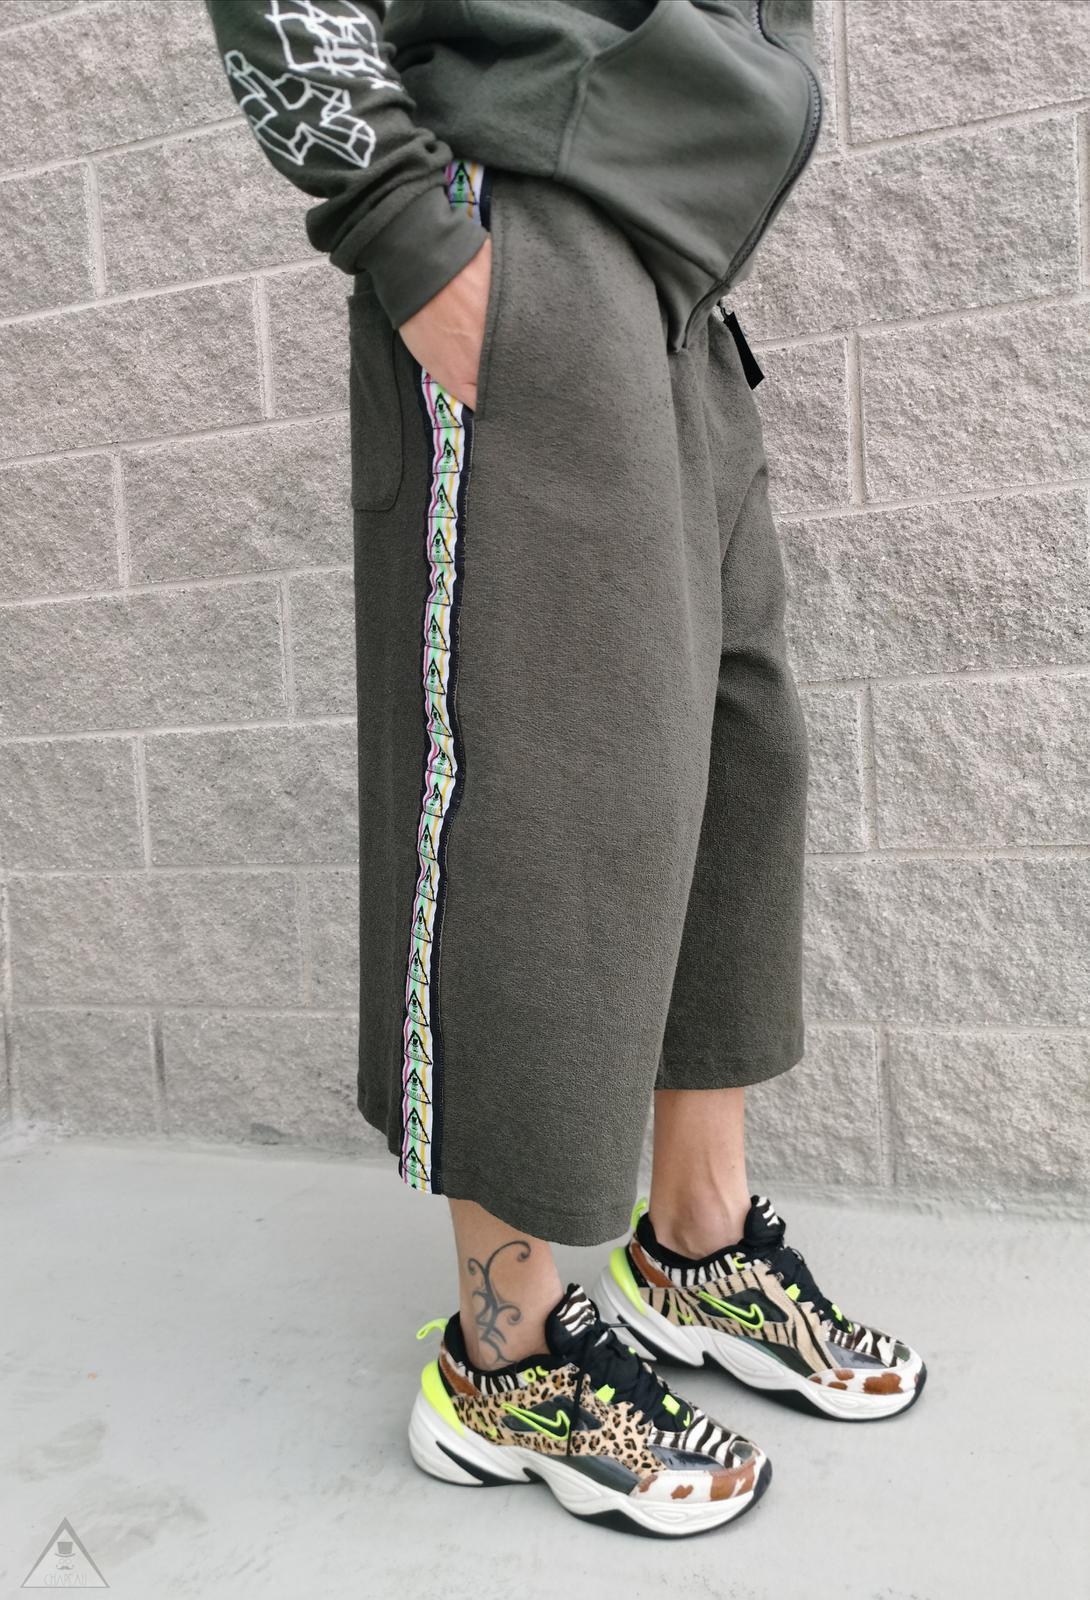 Pantalone Giappo Militare